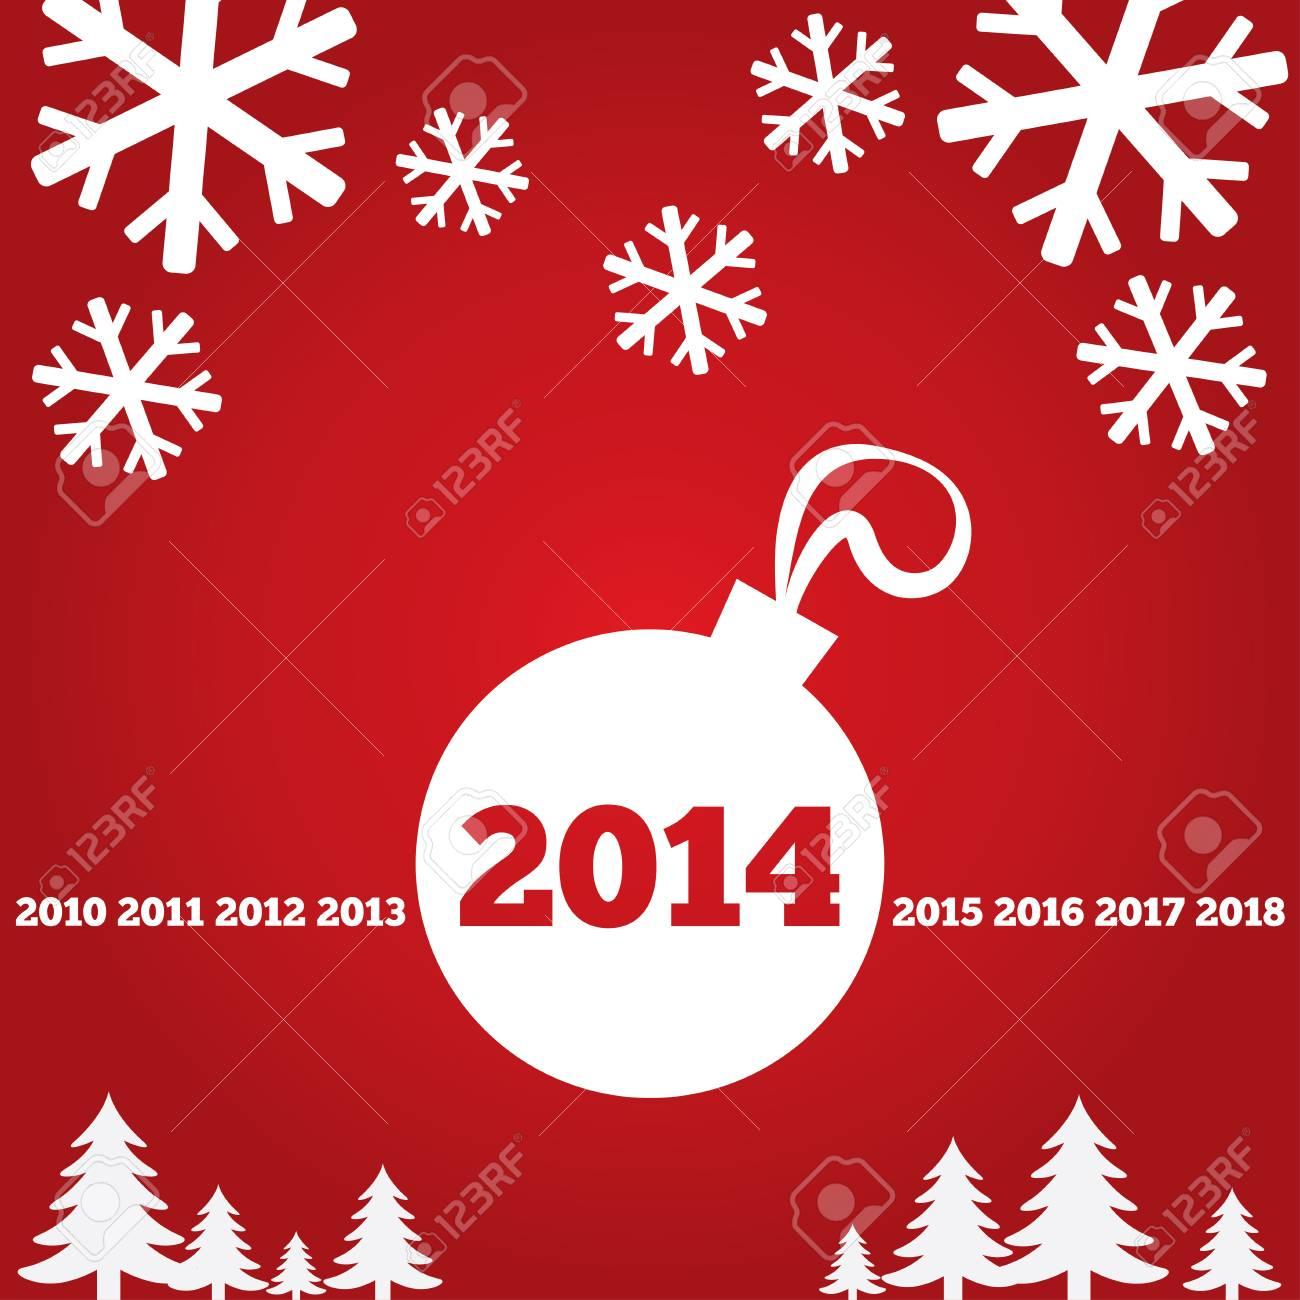 Frohes Neues Jahr-Grußkarte Mit Flachen Icons 2014. Christmas Ball ...